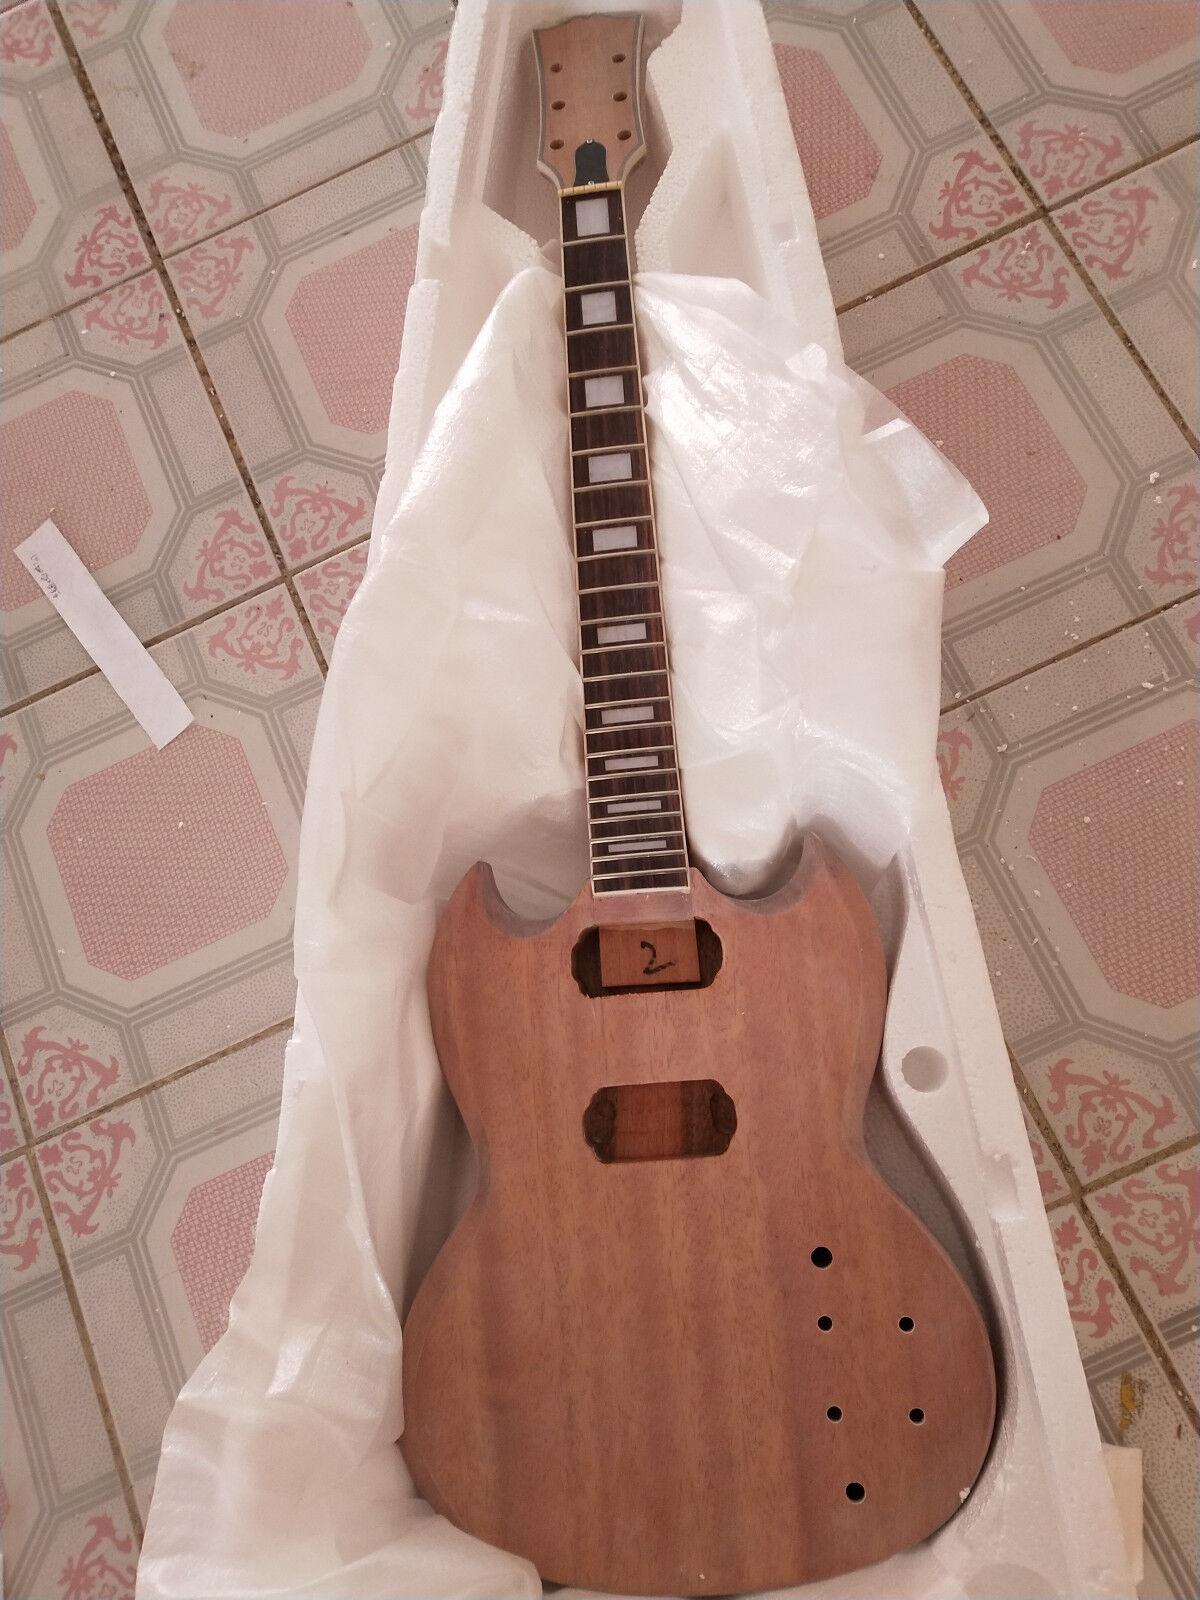 Juego de 1 cuerpo y cuello sin rematar Guitarra Guitarra Guitarra Hágalo usted mismo Kit de guitarra eléctrica estilo SG  comprar barato